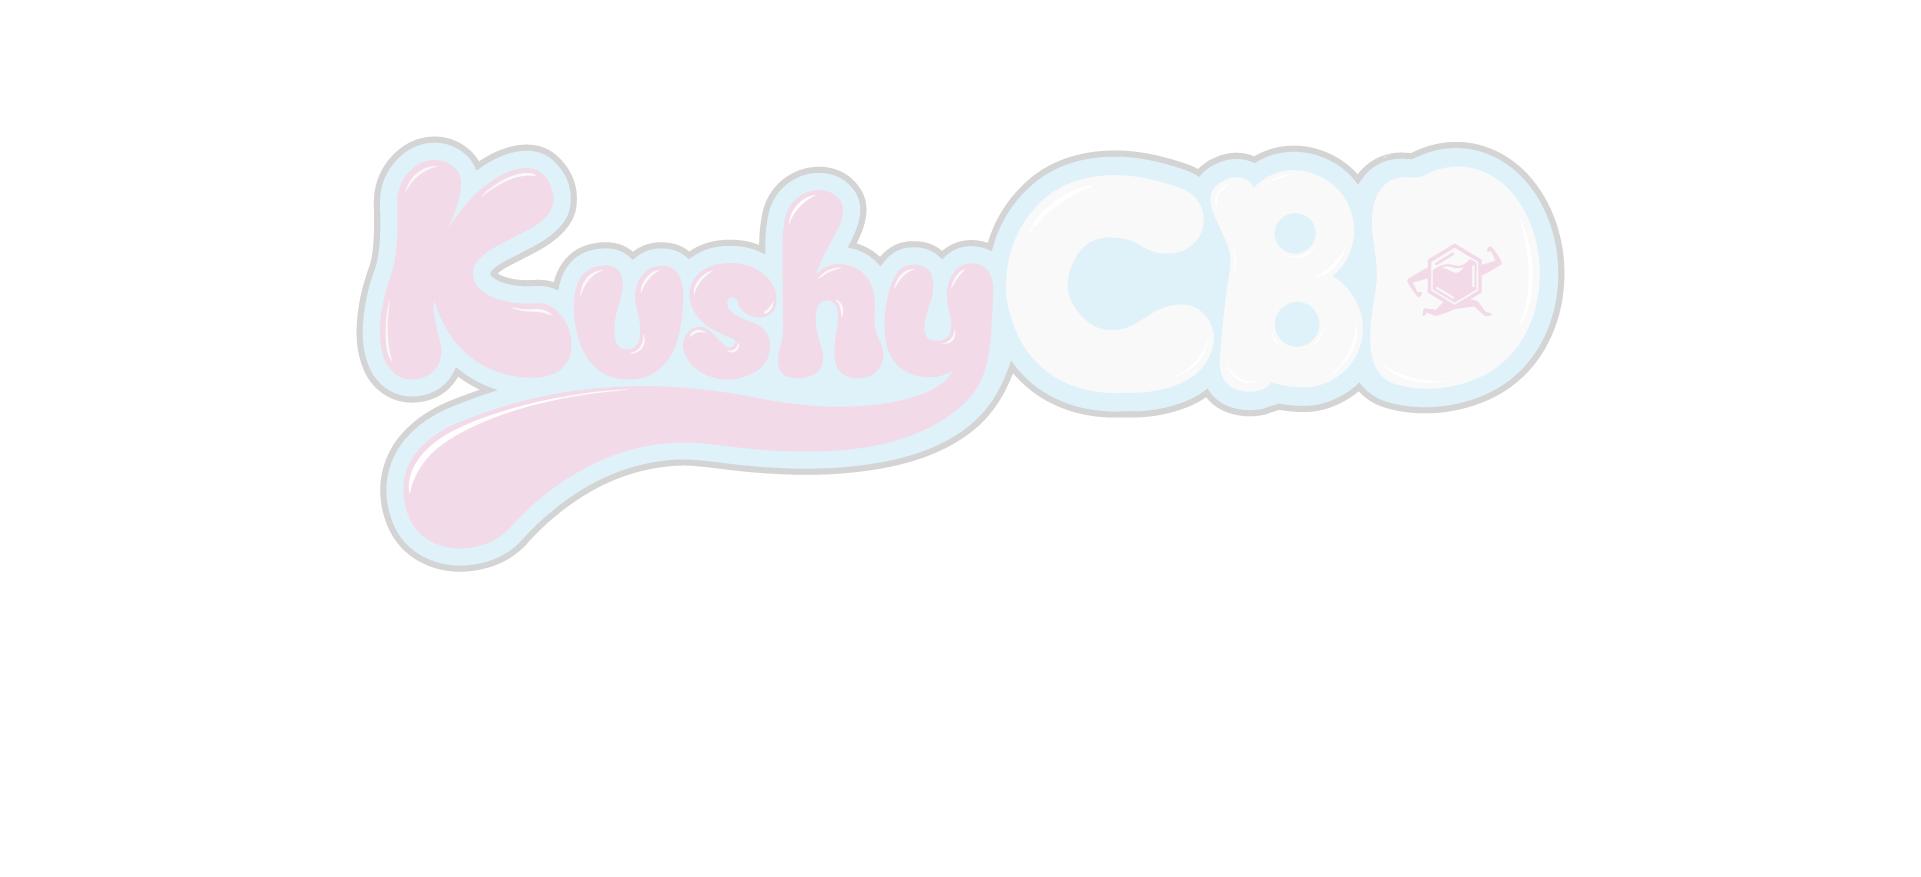 Kushy CBD Award Winning CBD